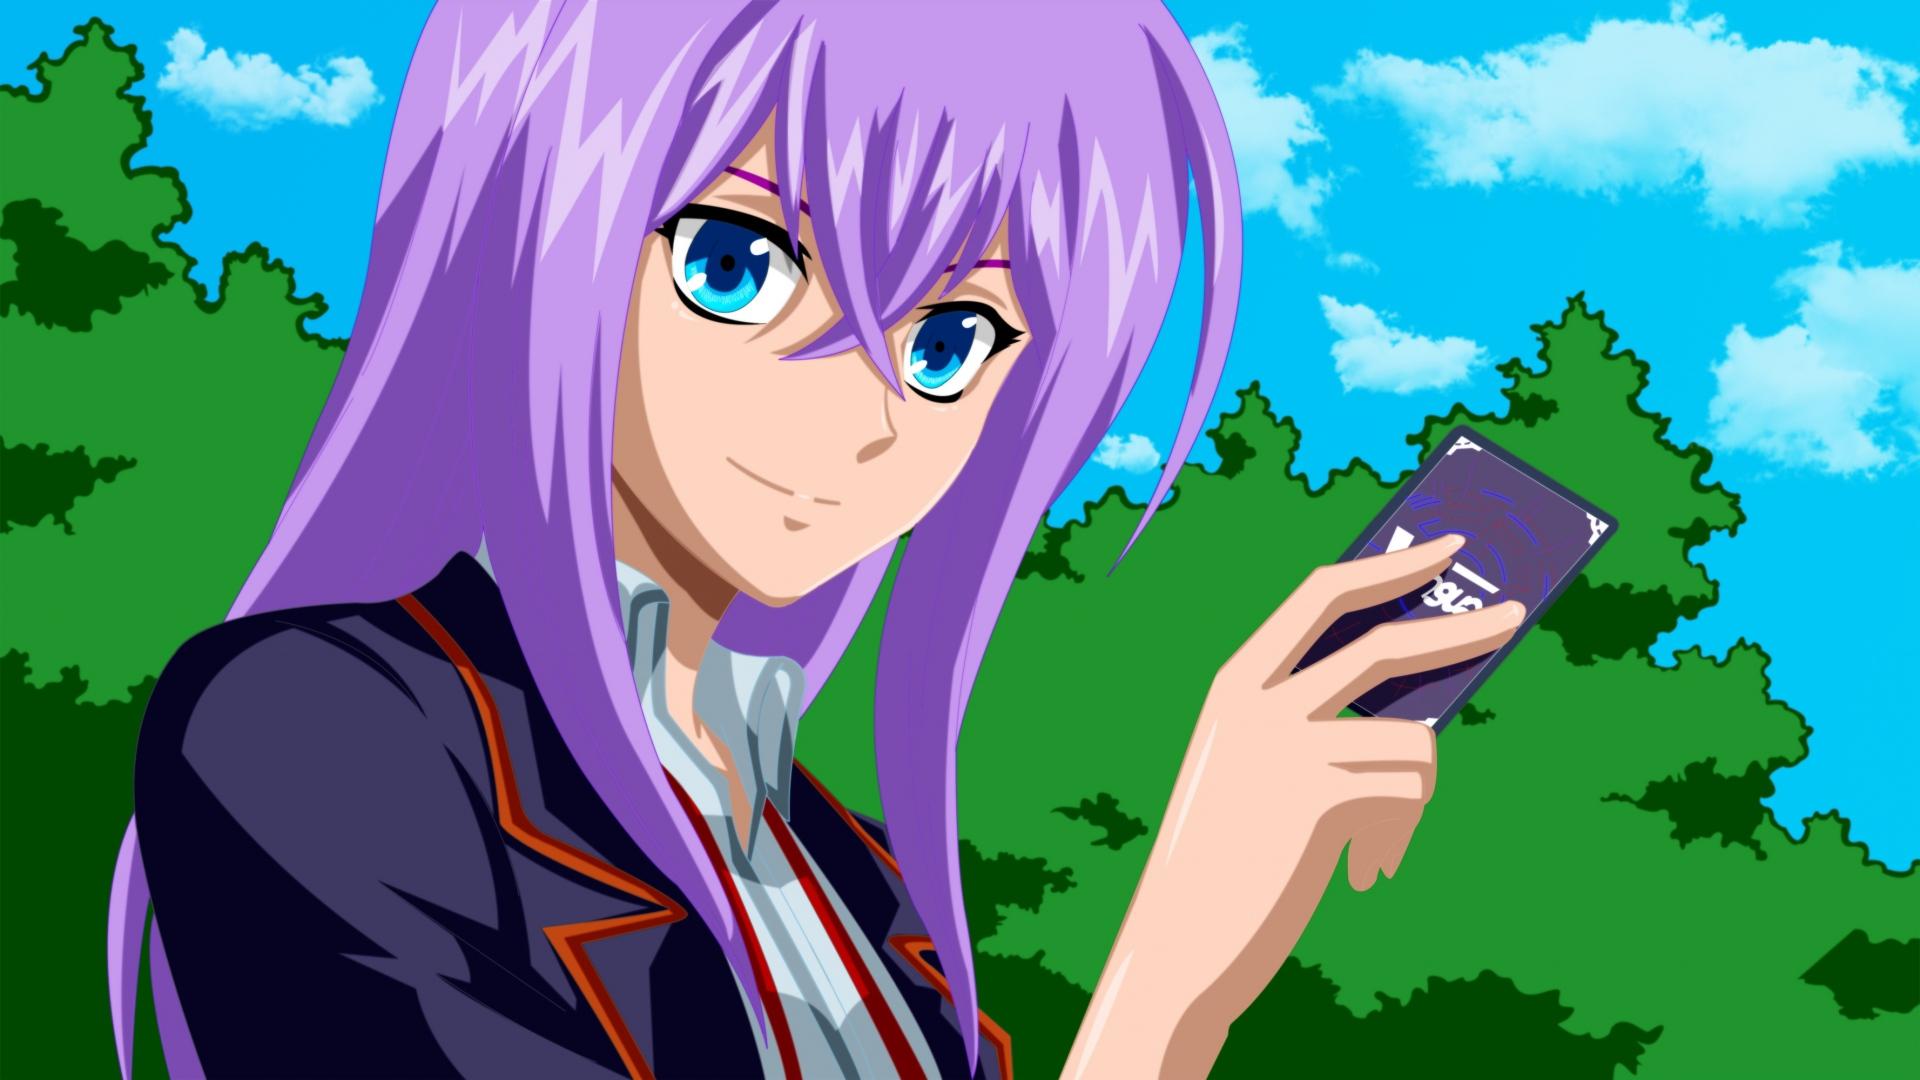 anime, girl, summer